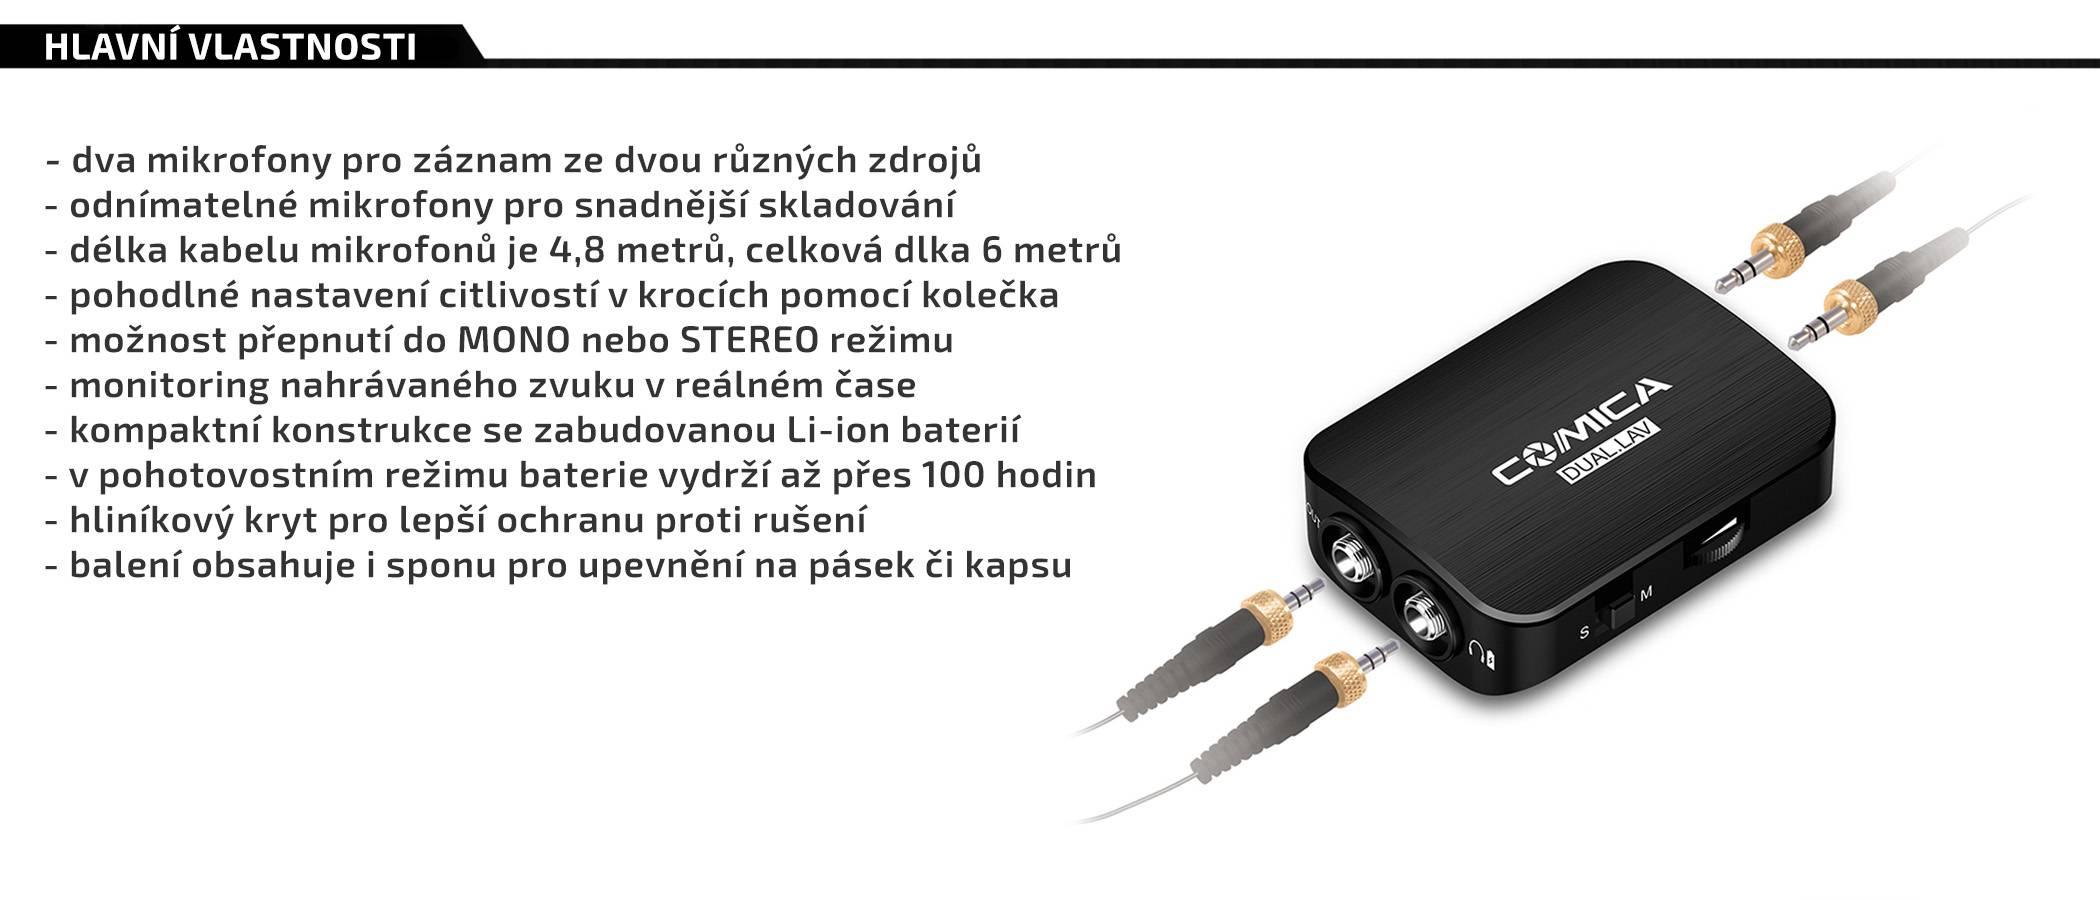 film-technika-comiaca-audio-dual-lav-03-sada-dvou-klopových-mikrofonu-a-zesilovače-vlastnosti